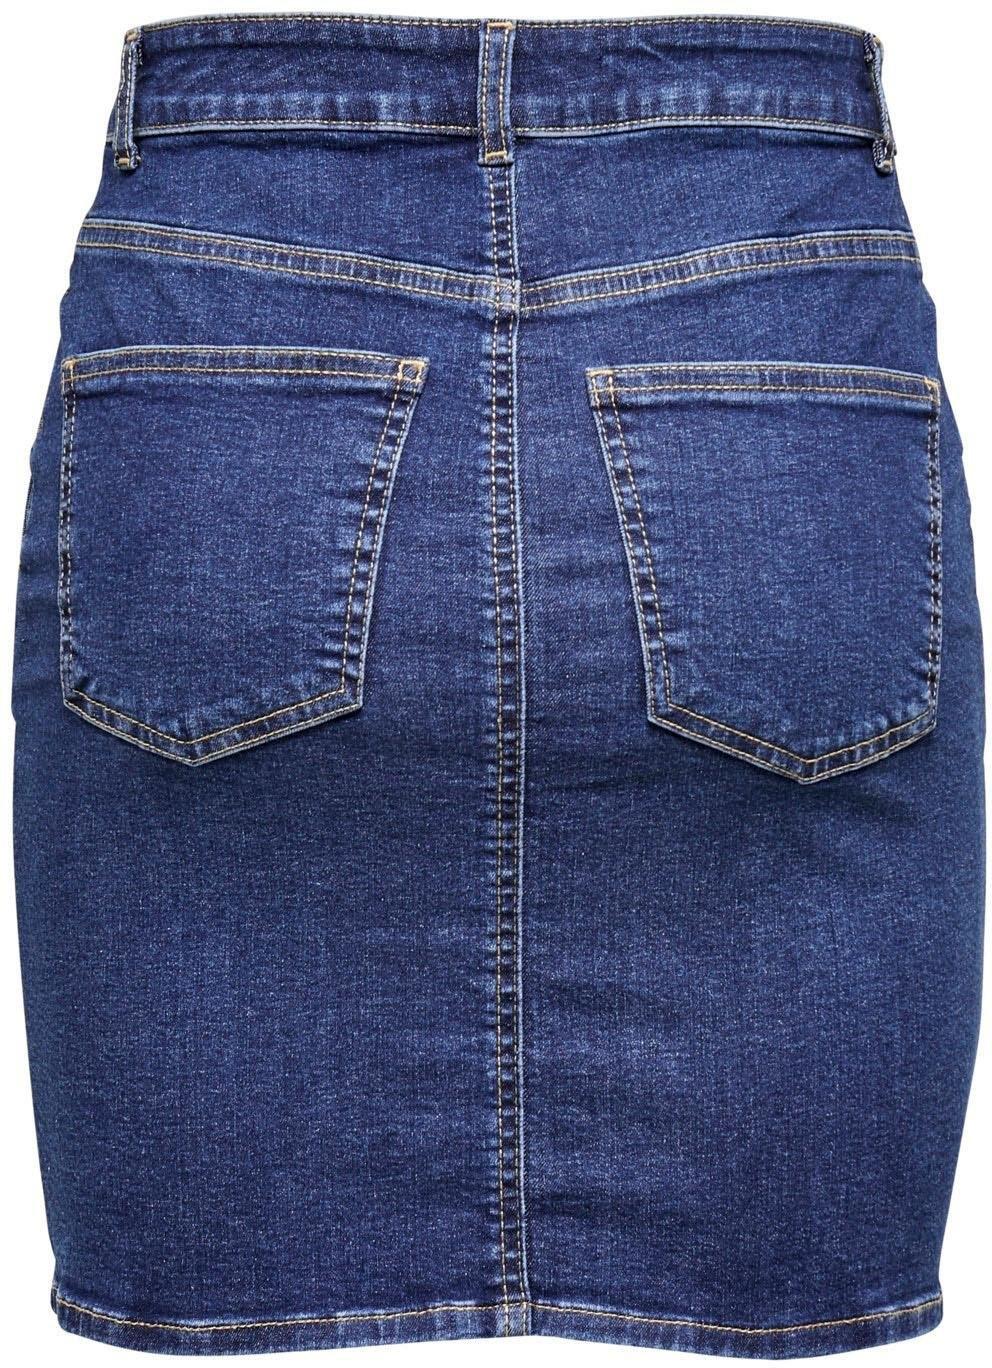 ONLY jeansrok »ONLANNEK« goedkoop op otto.nl kopen